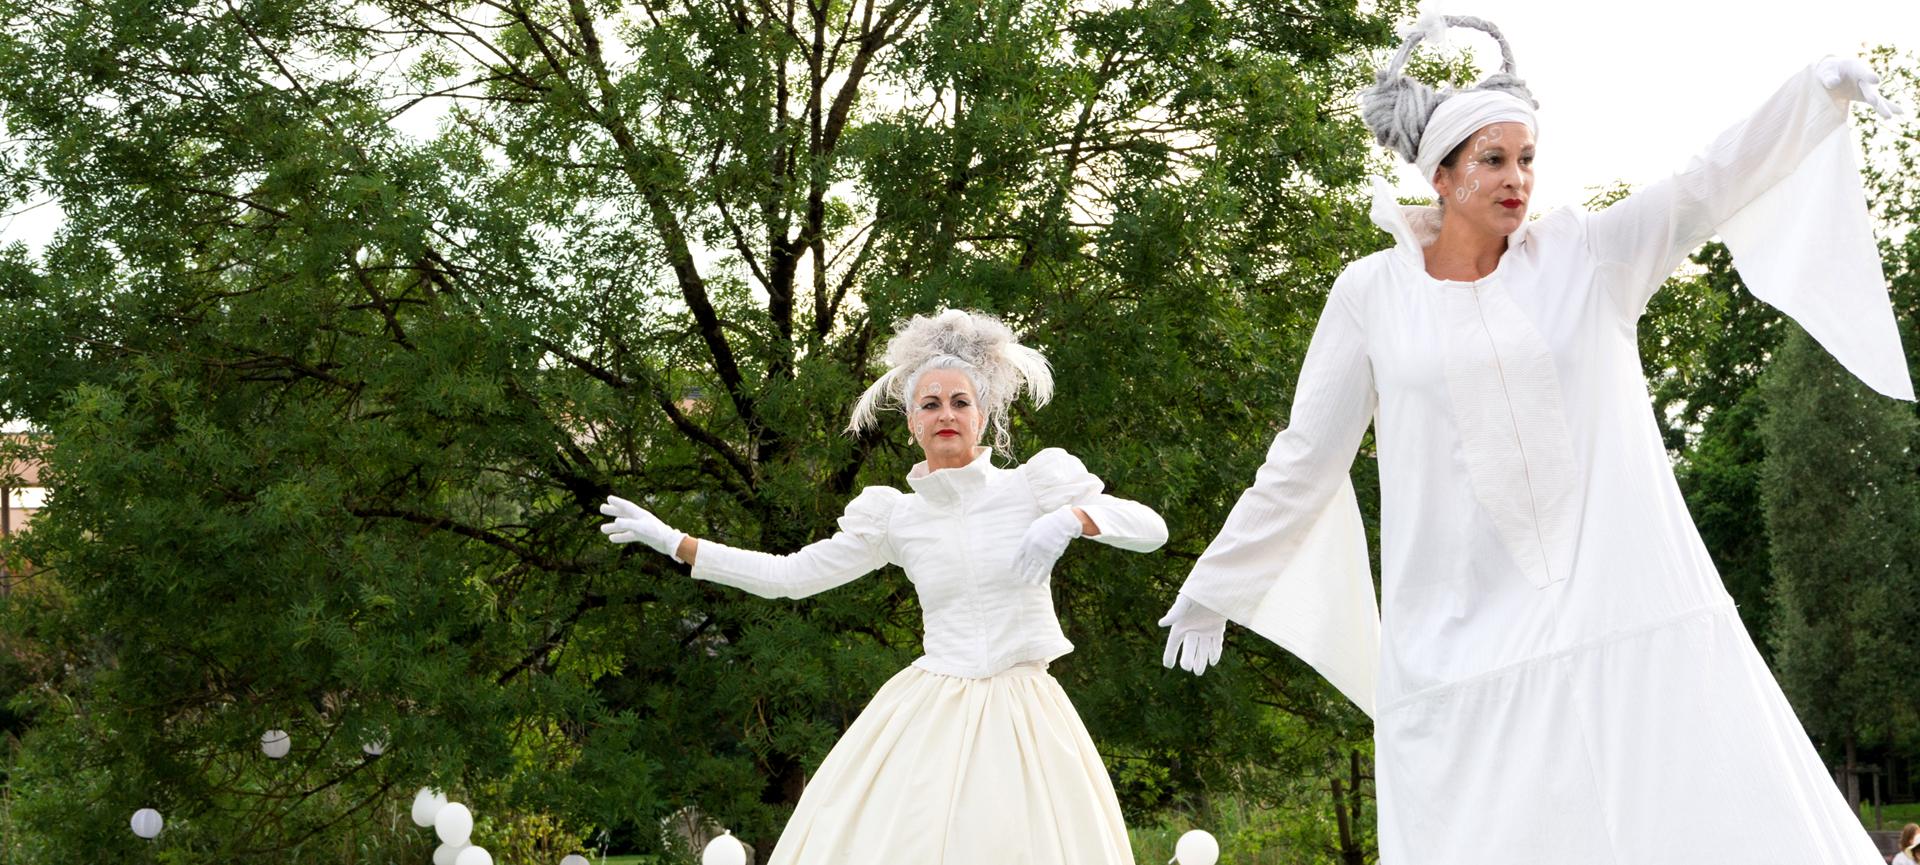 Der Walking Act Luftzauber und Weisses Diner